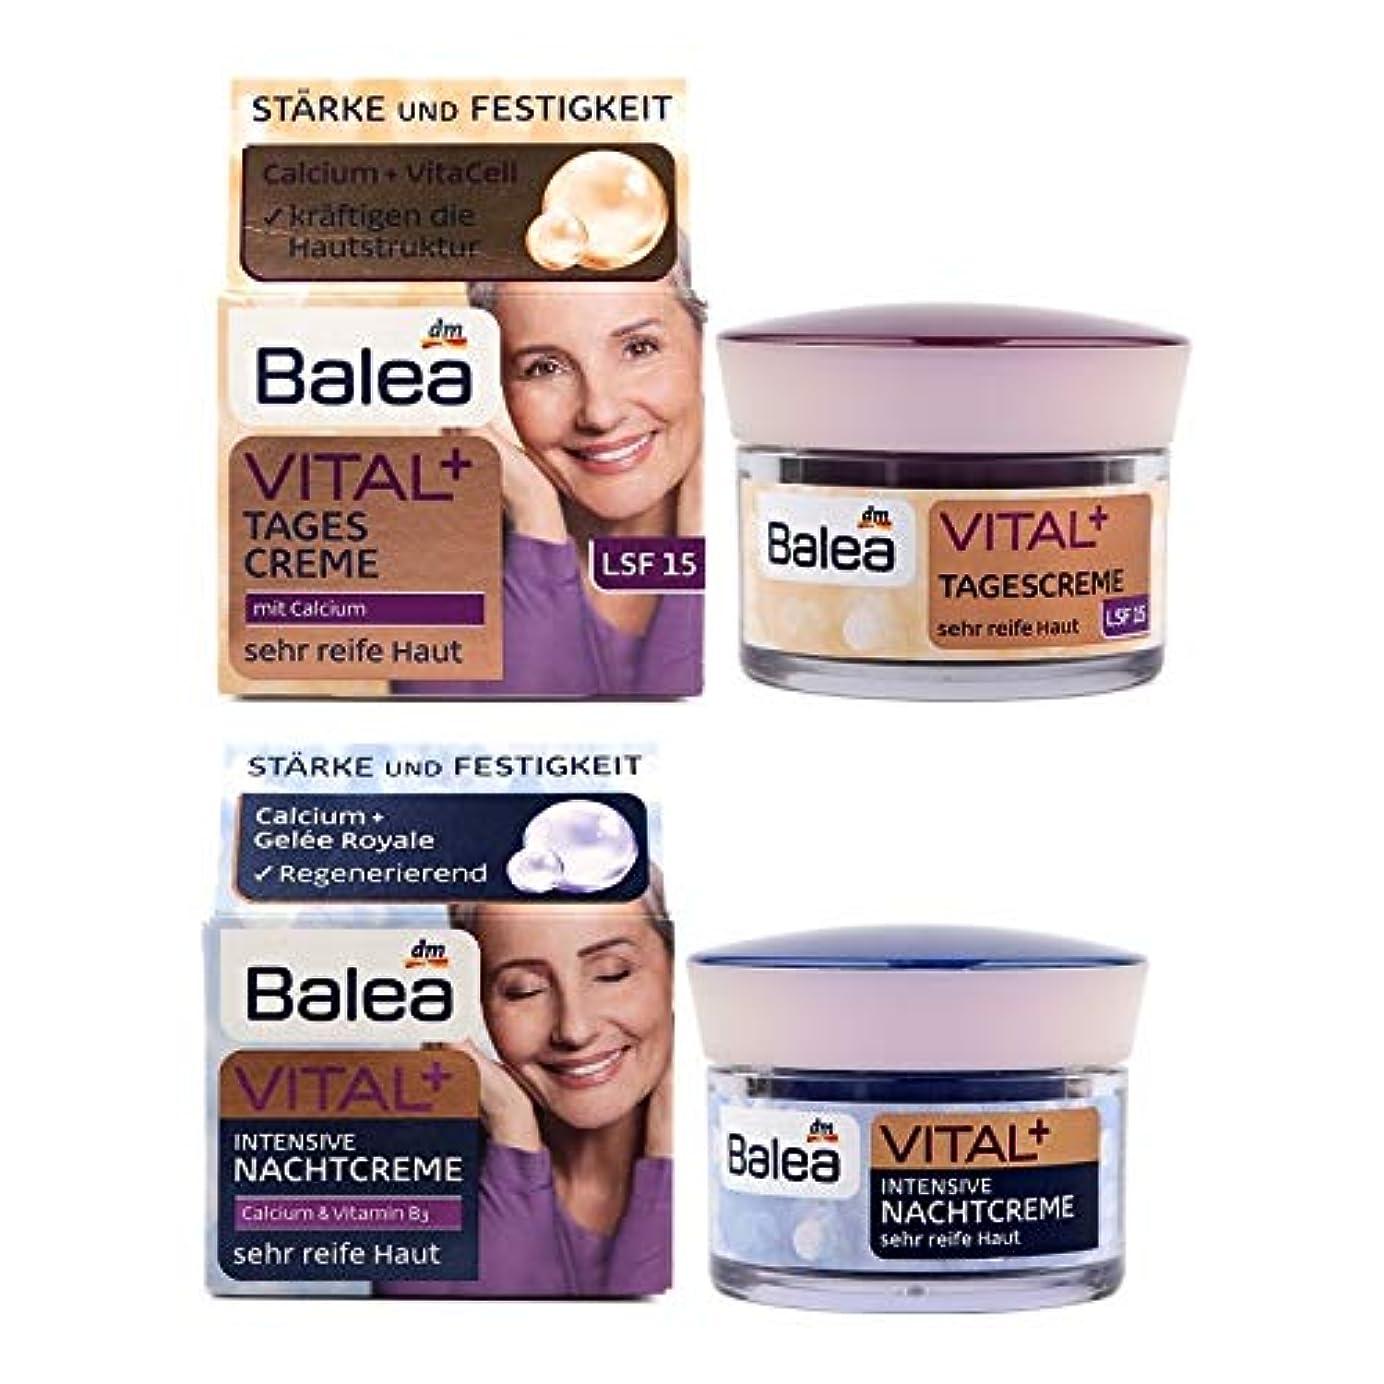 呼び出す捨てるオークアンチリンクルを70+する旧熟女年齢55+のためのBalea VITAL +デイクリーム+ナイトクリーム弾性ファーミングを強化